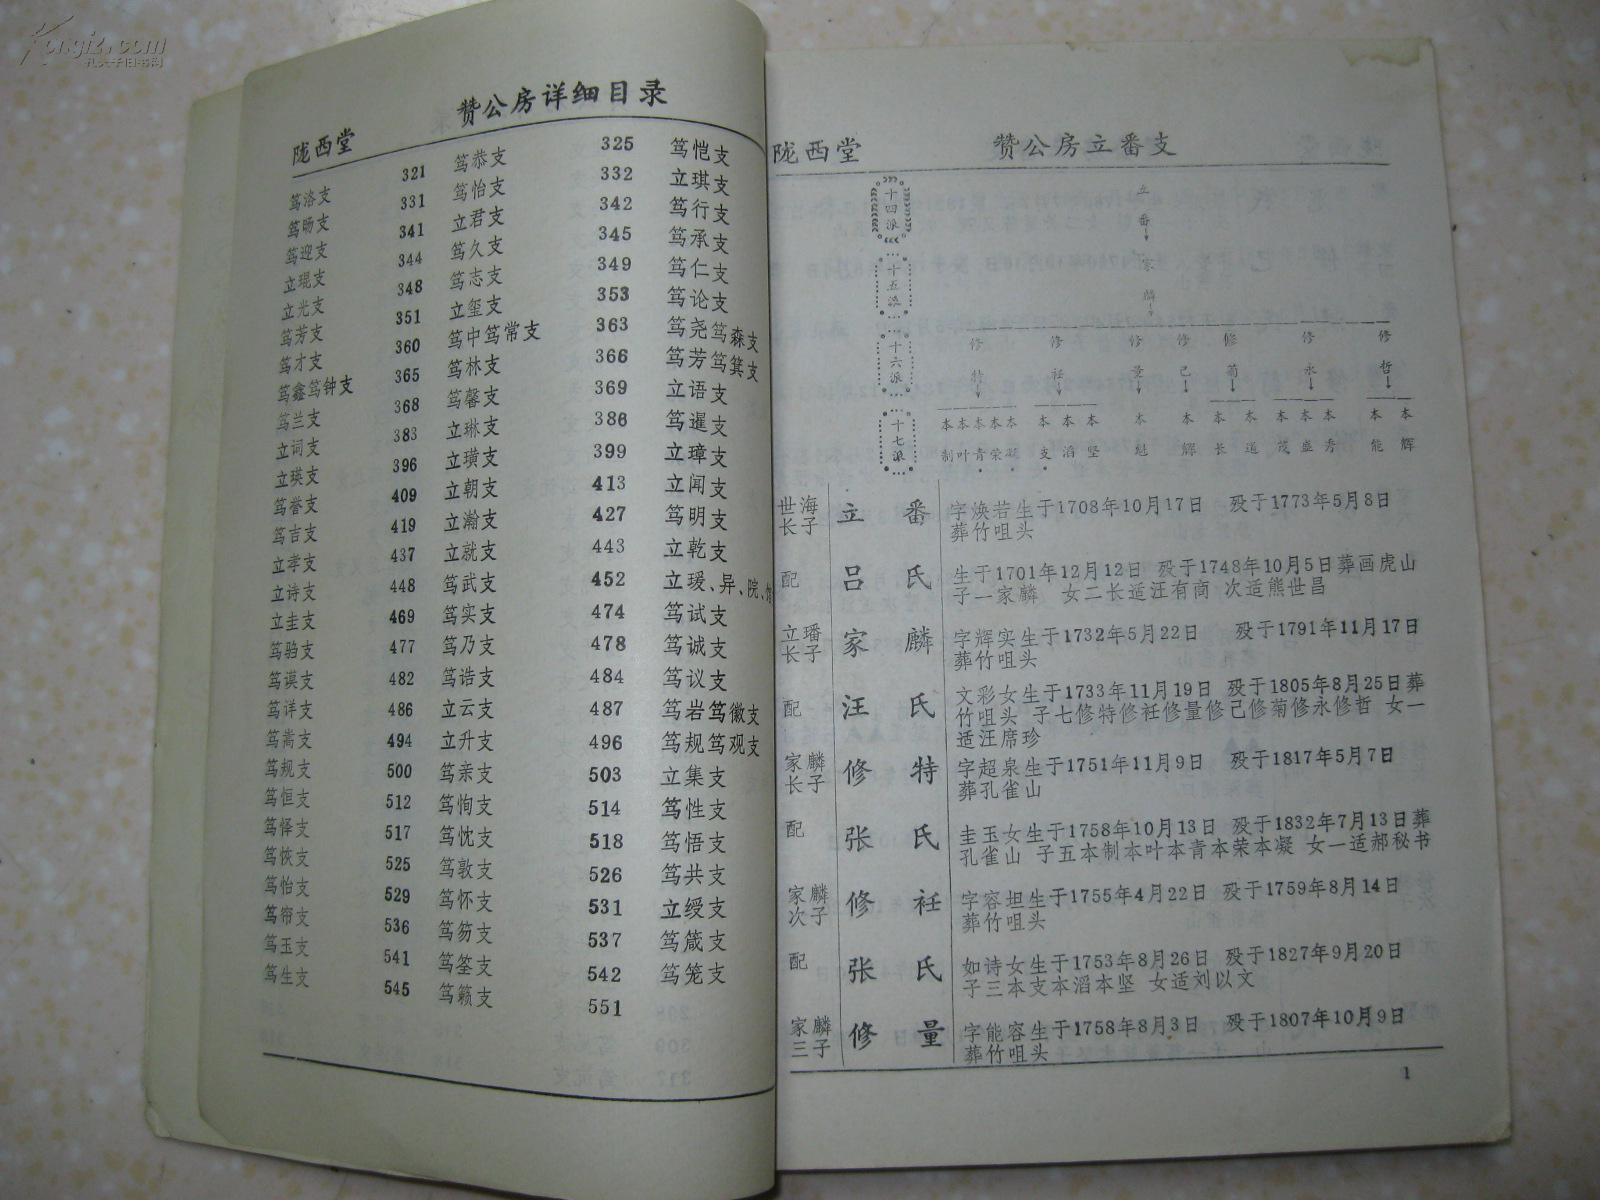 李氏第六届续修族谱 共3本 第二卷 第三卷 第四卷 湖南省长沙 湘潭等图片